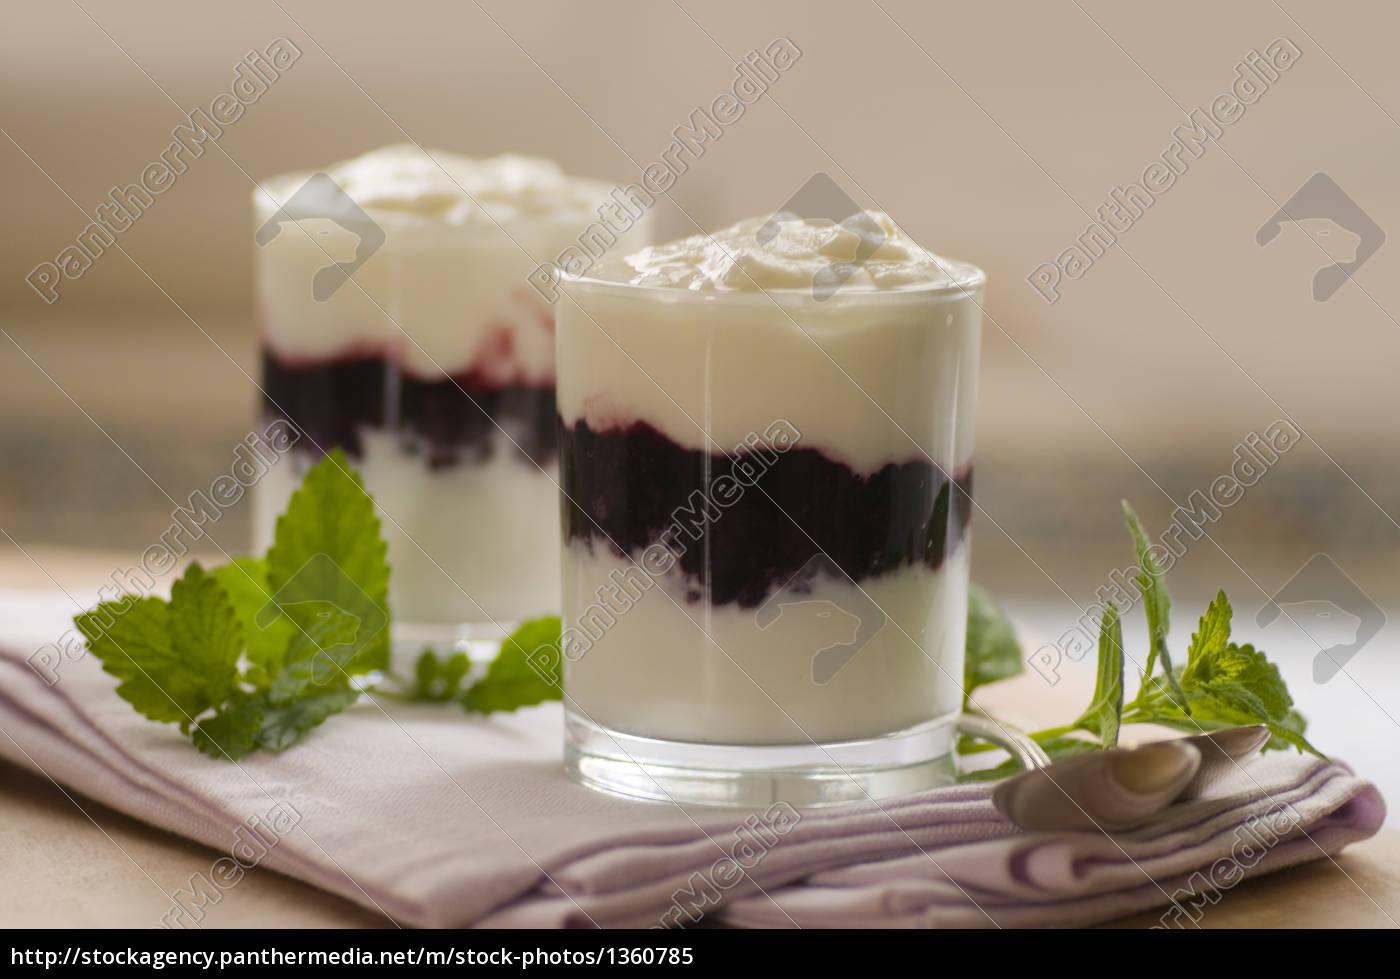 quark-dessert - 1360785